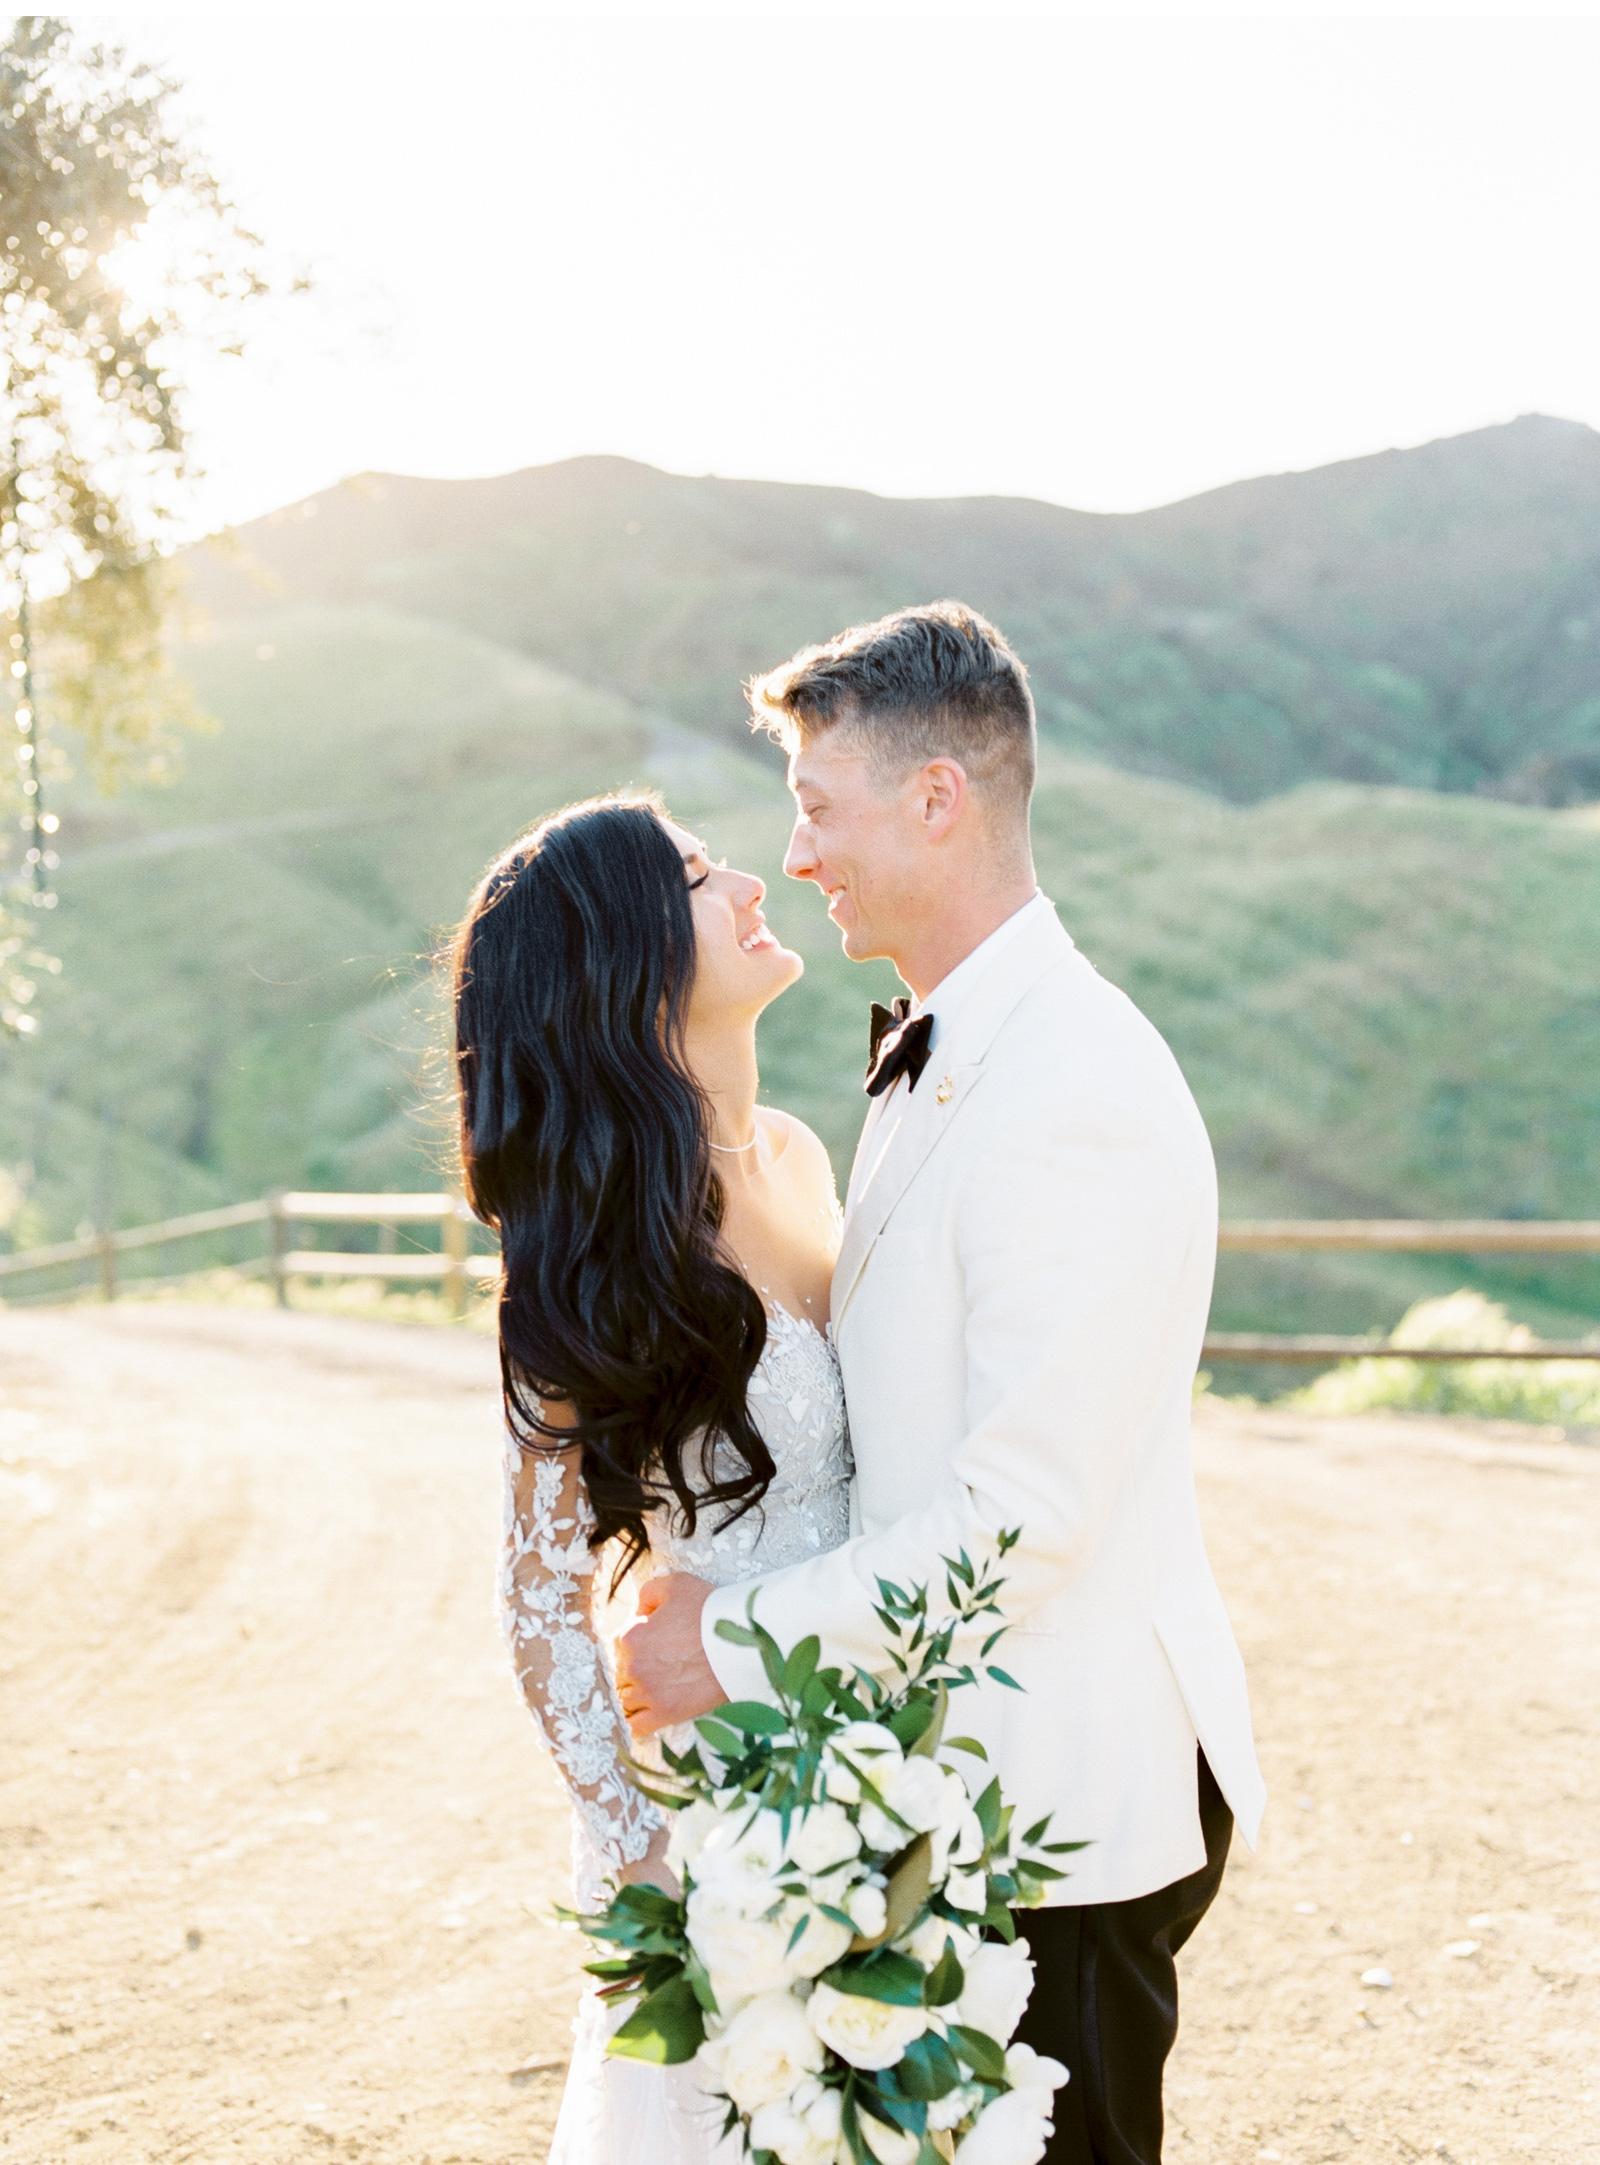 Malibu-Wedding-Photography-West-Coast-Wedding-Venues-Style-Me-Pretty-Malibu-Wedding-Venue_06.jpg